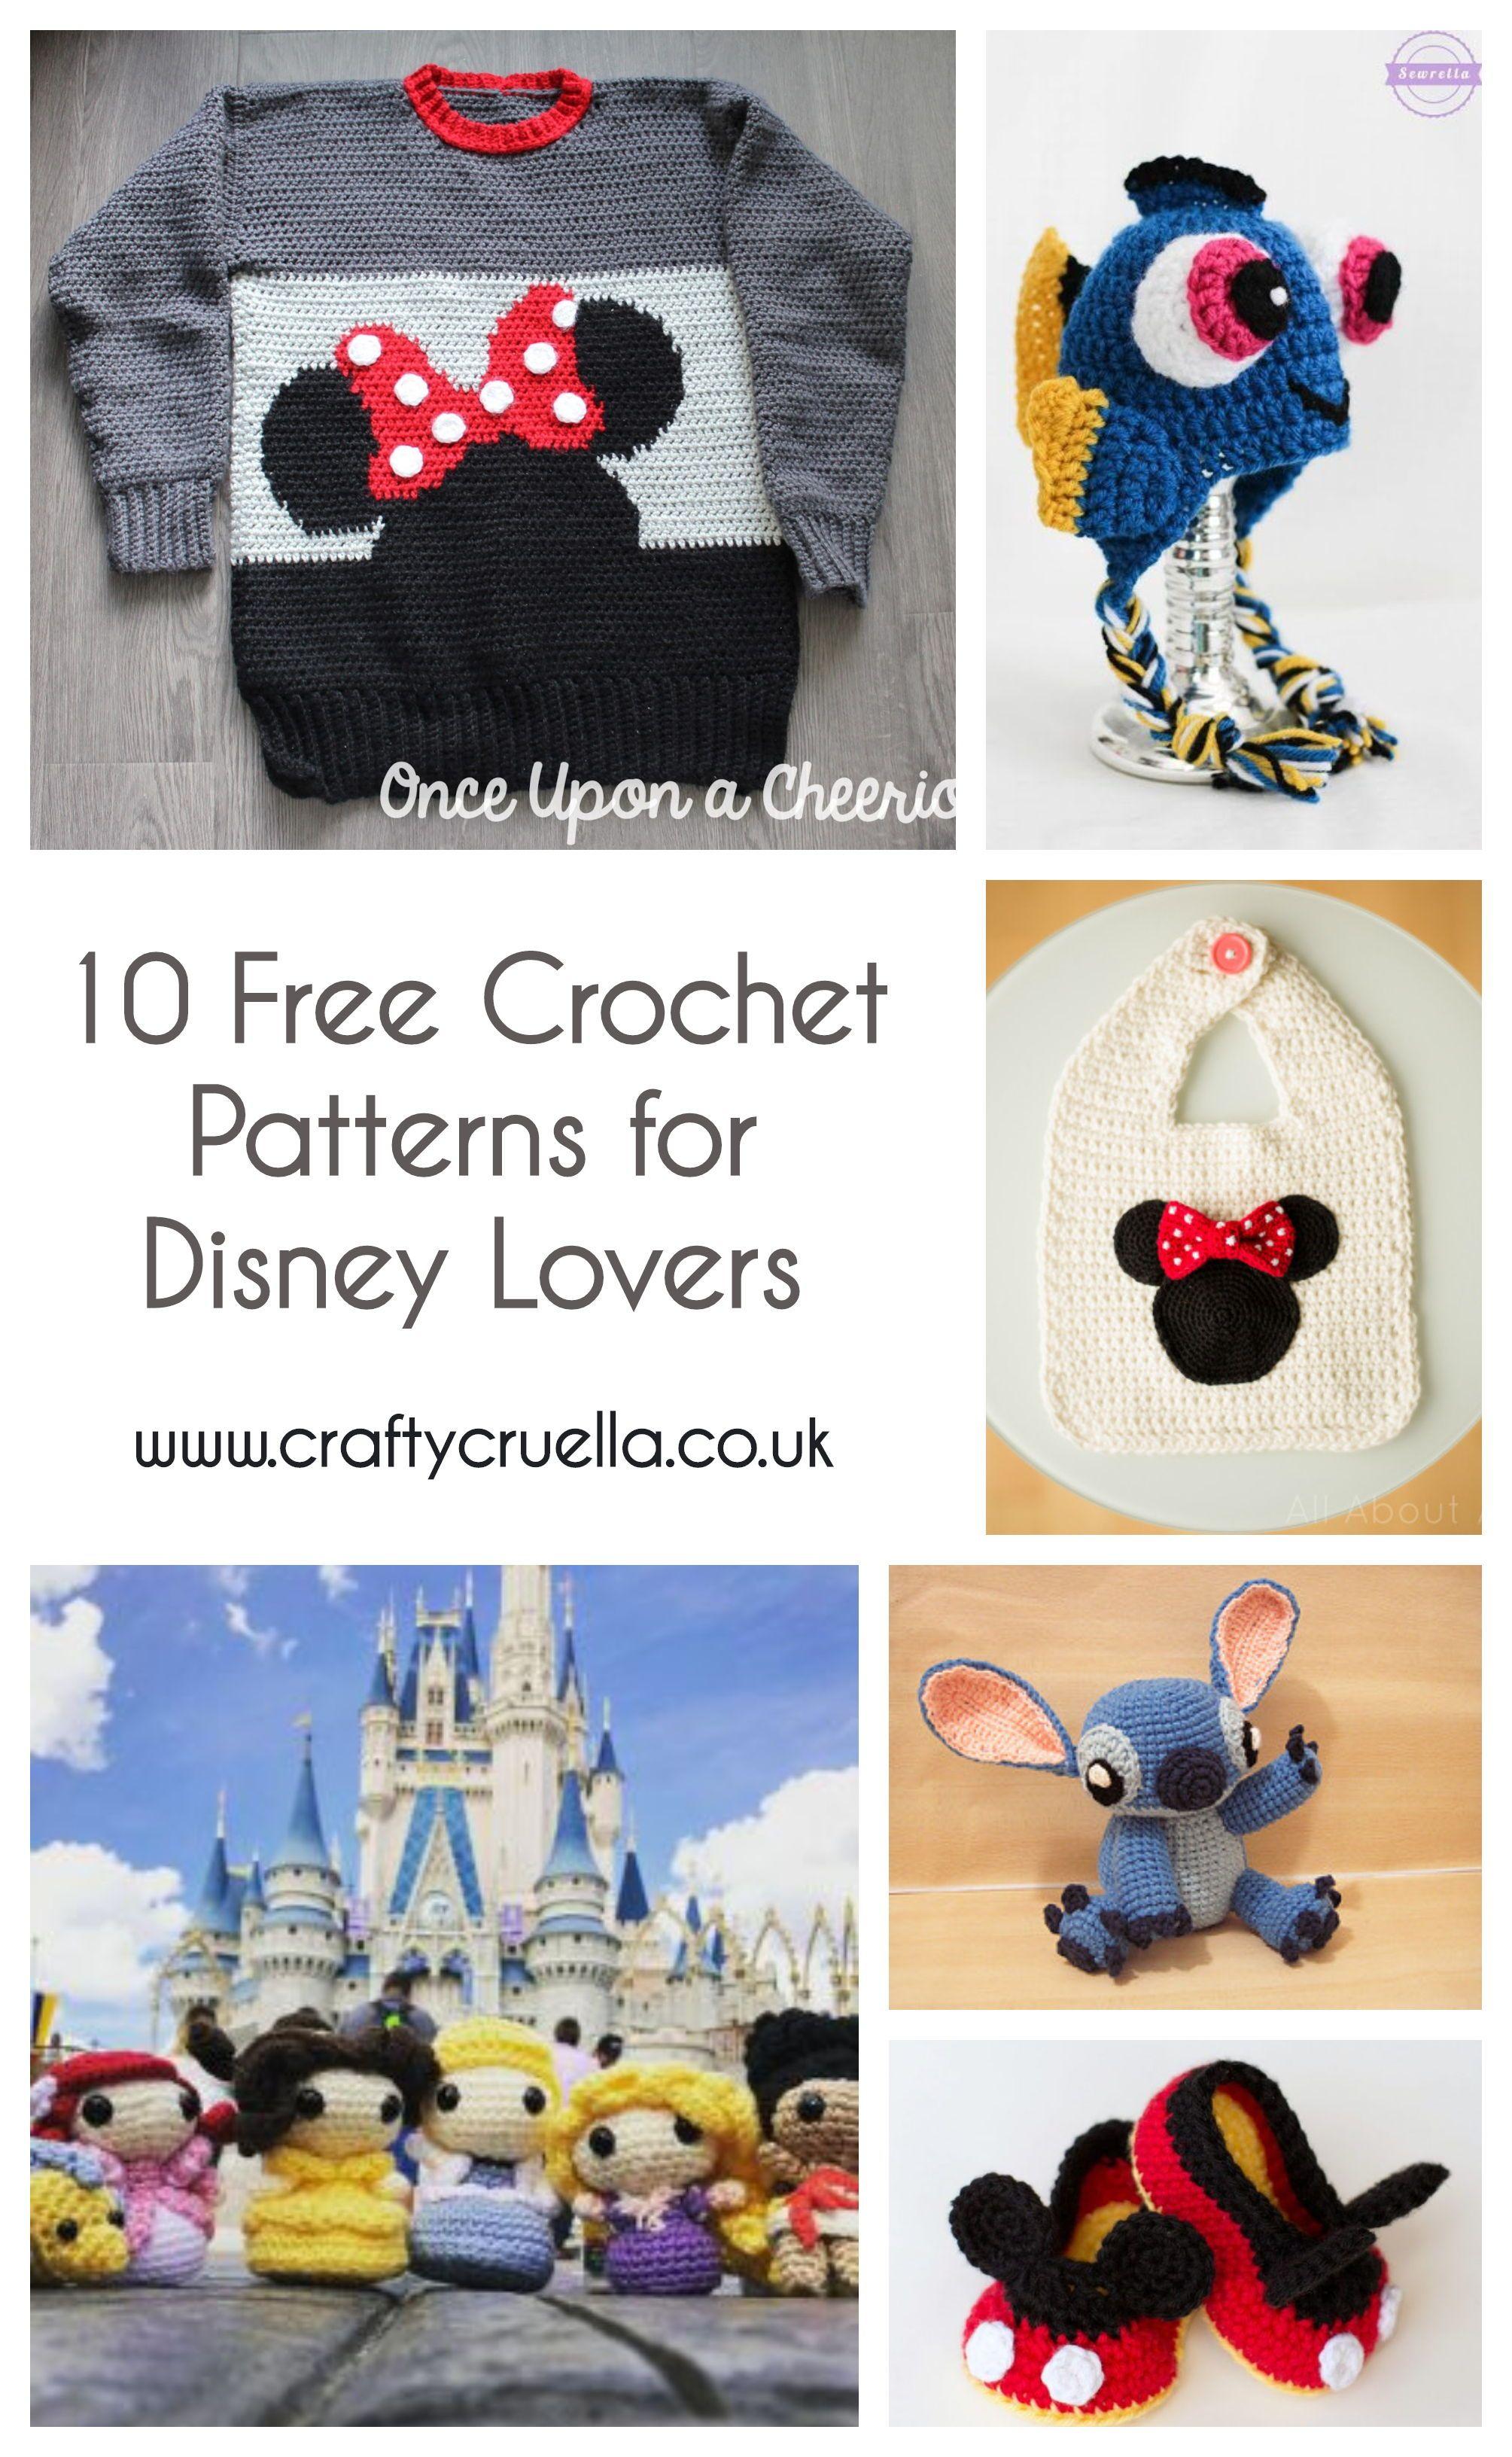 10 Free Crochet Patterns for Disney Lovers | crochet | Pinterest ...